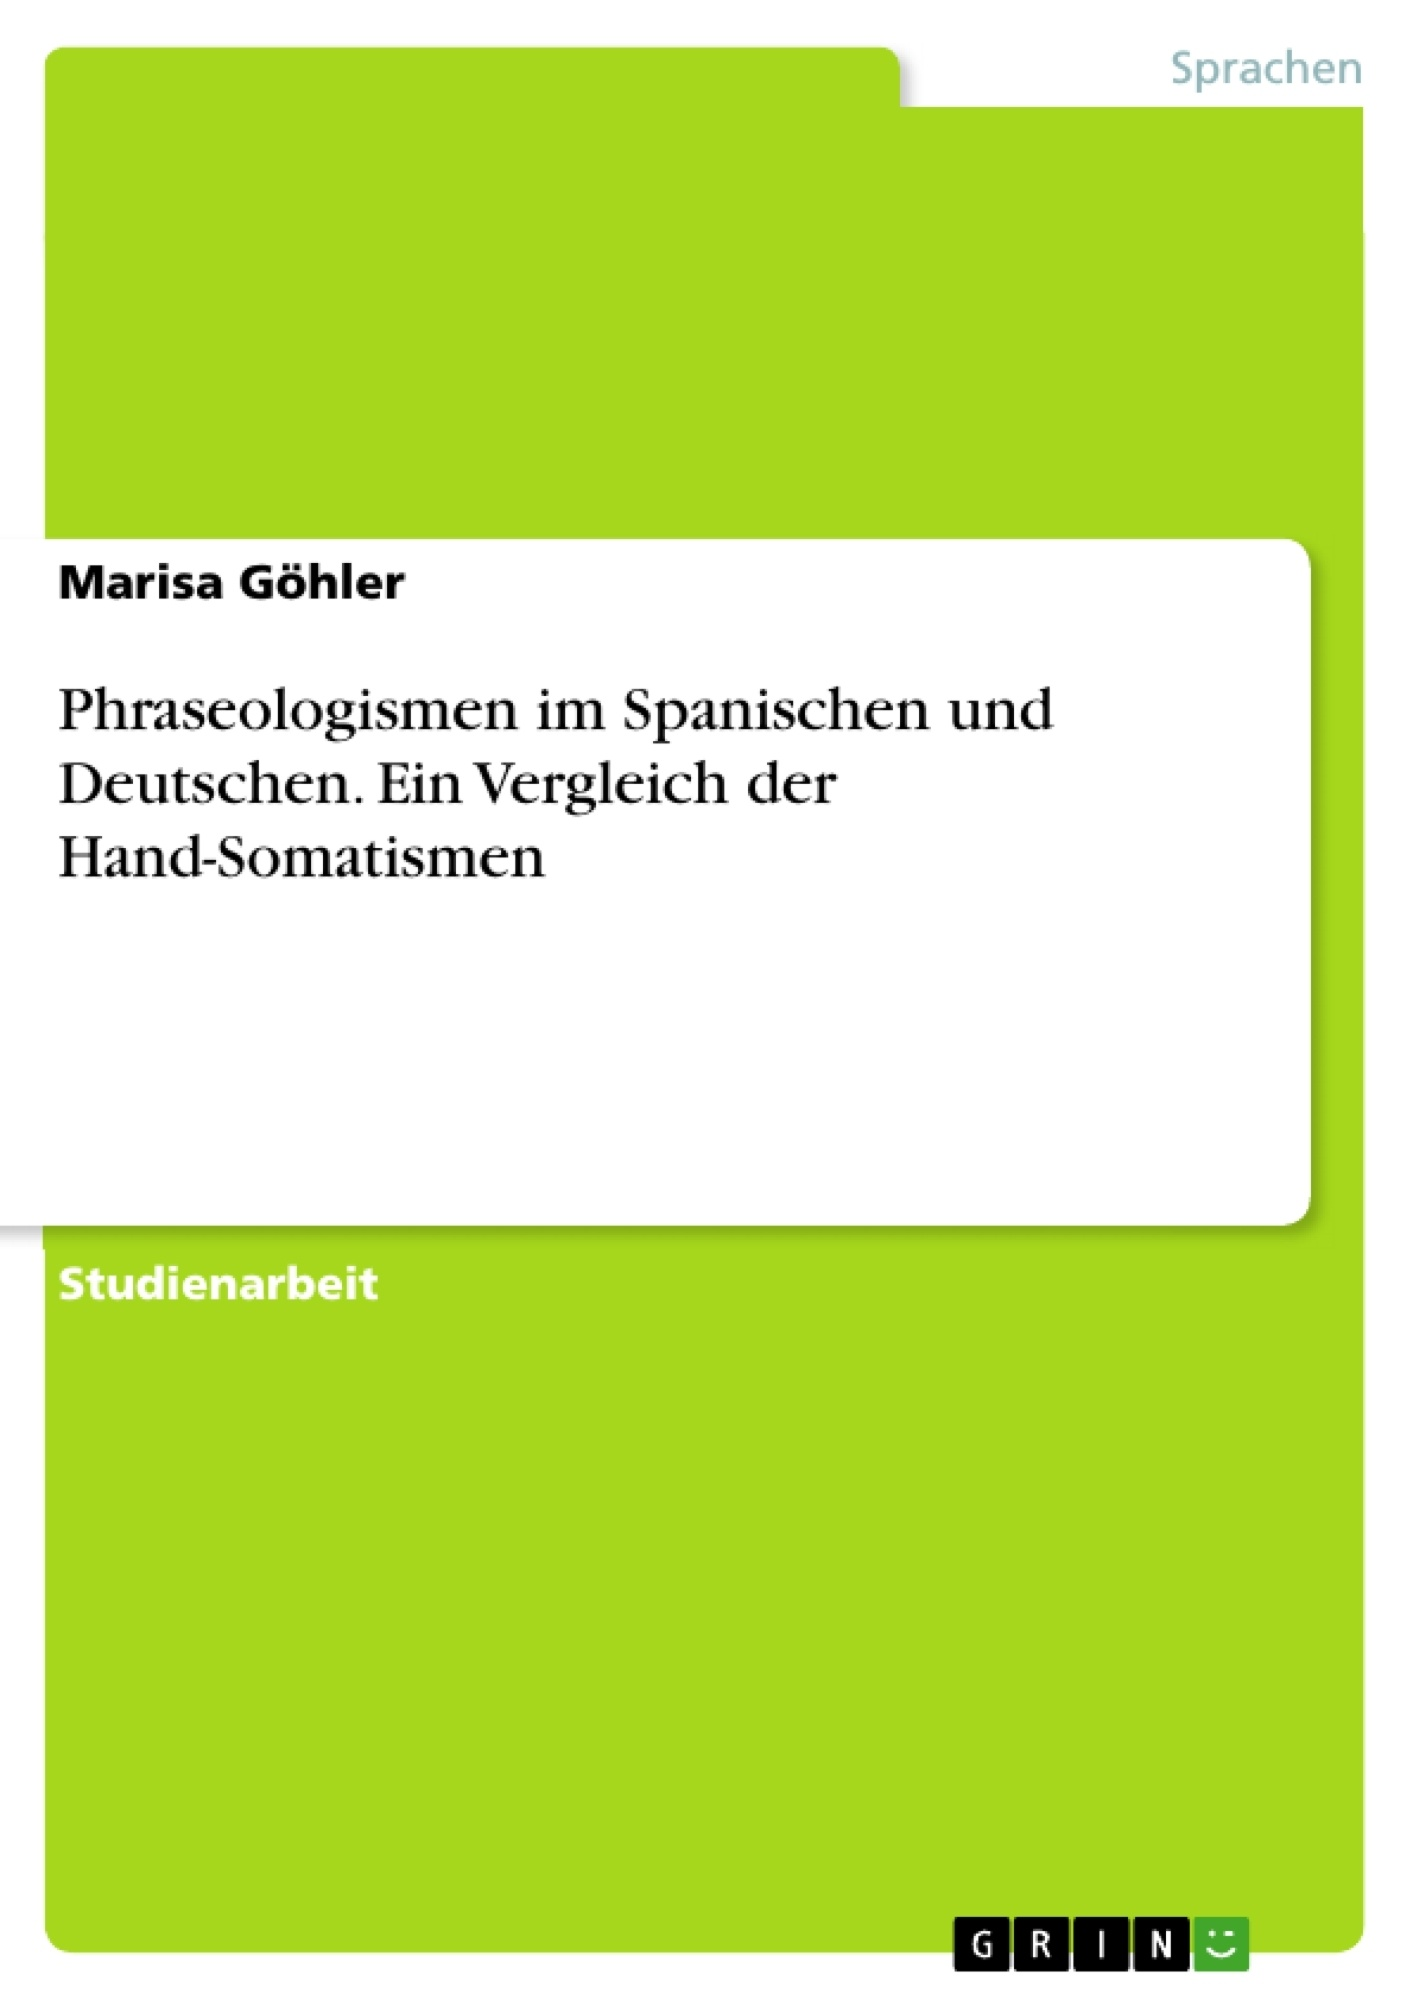 Titel: Phraseologismen im Spanischen und Deutschen. Ein Vergleich der Hand-Somatismen